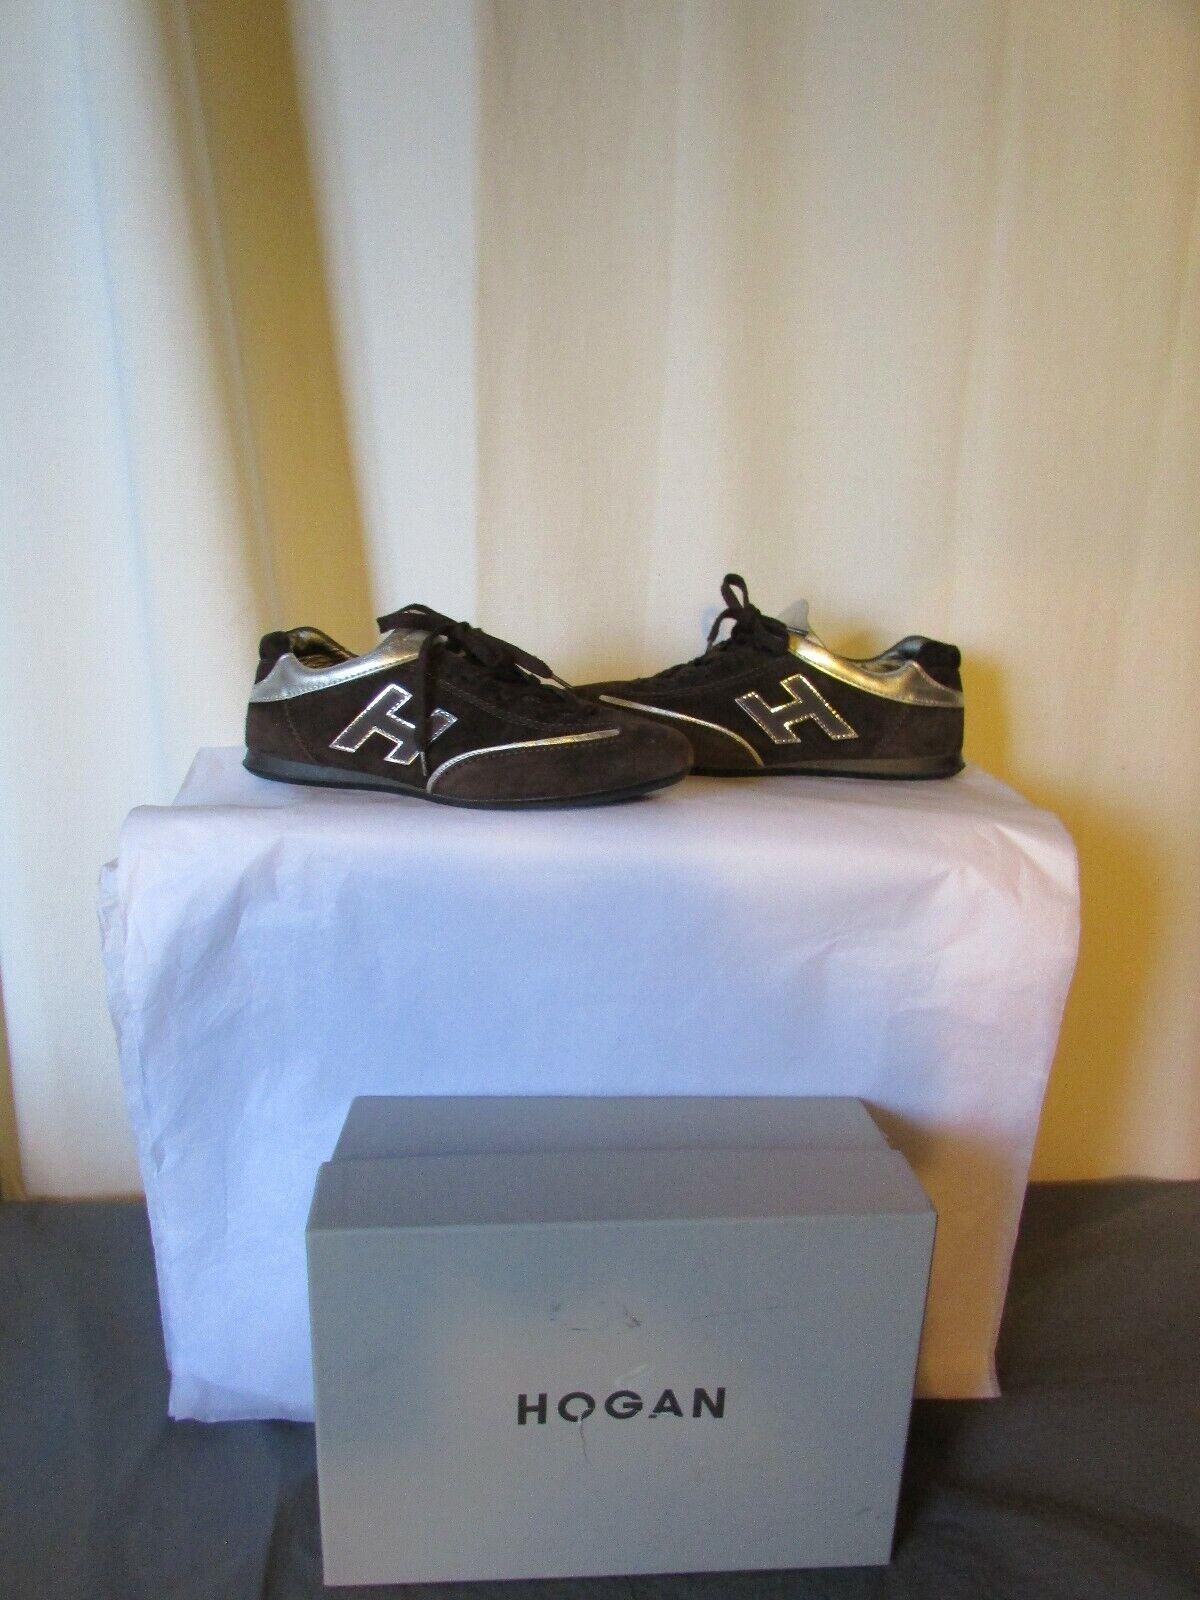 Sports skor skor skor HOGAN mocka bspringaaa läder silver 38,5  välkommen att välja